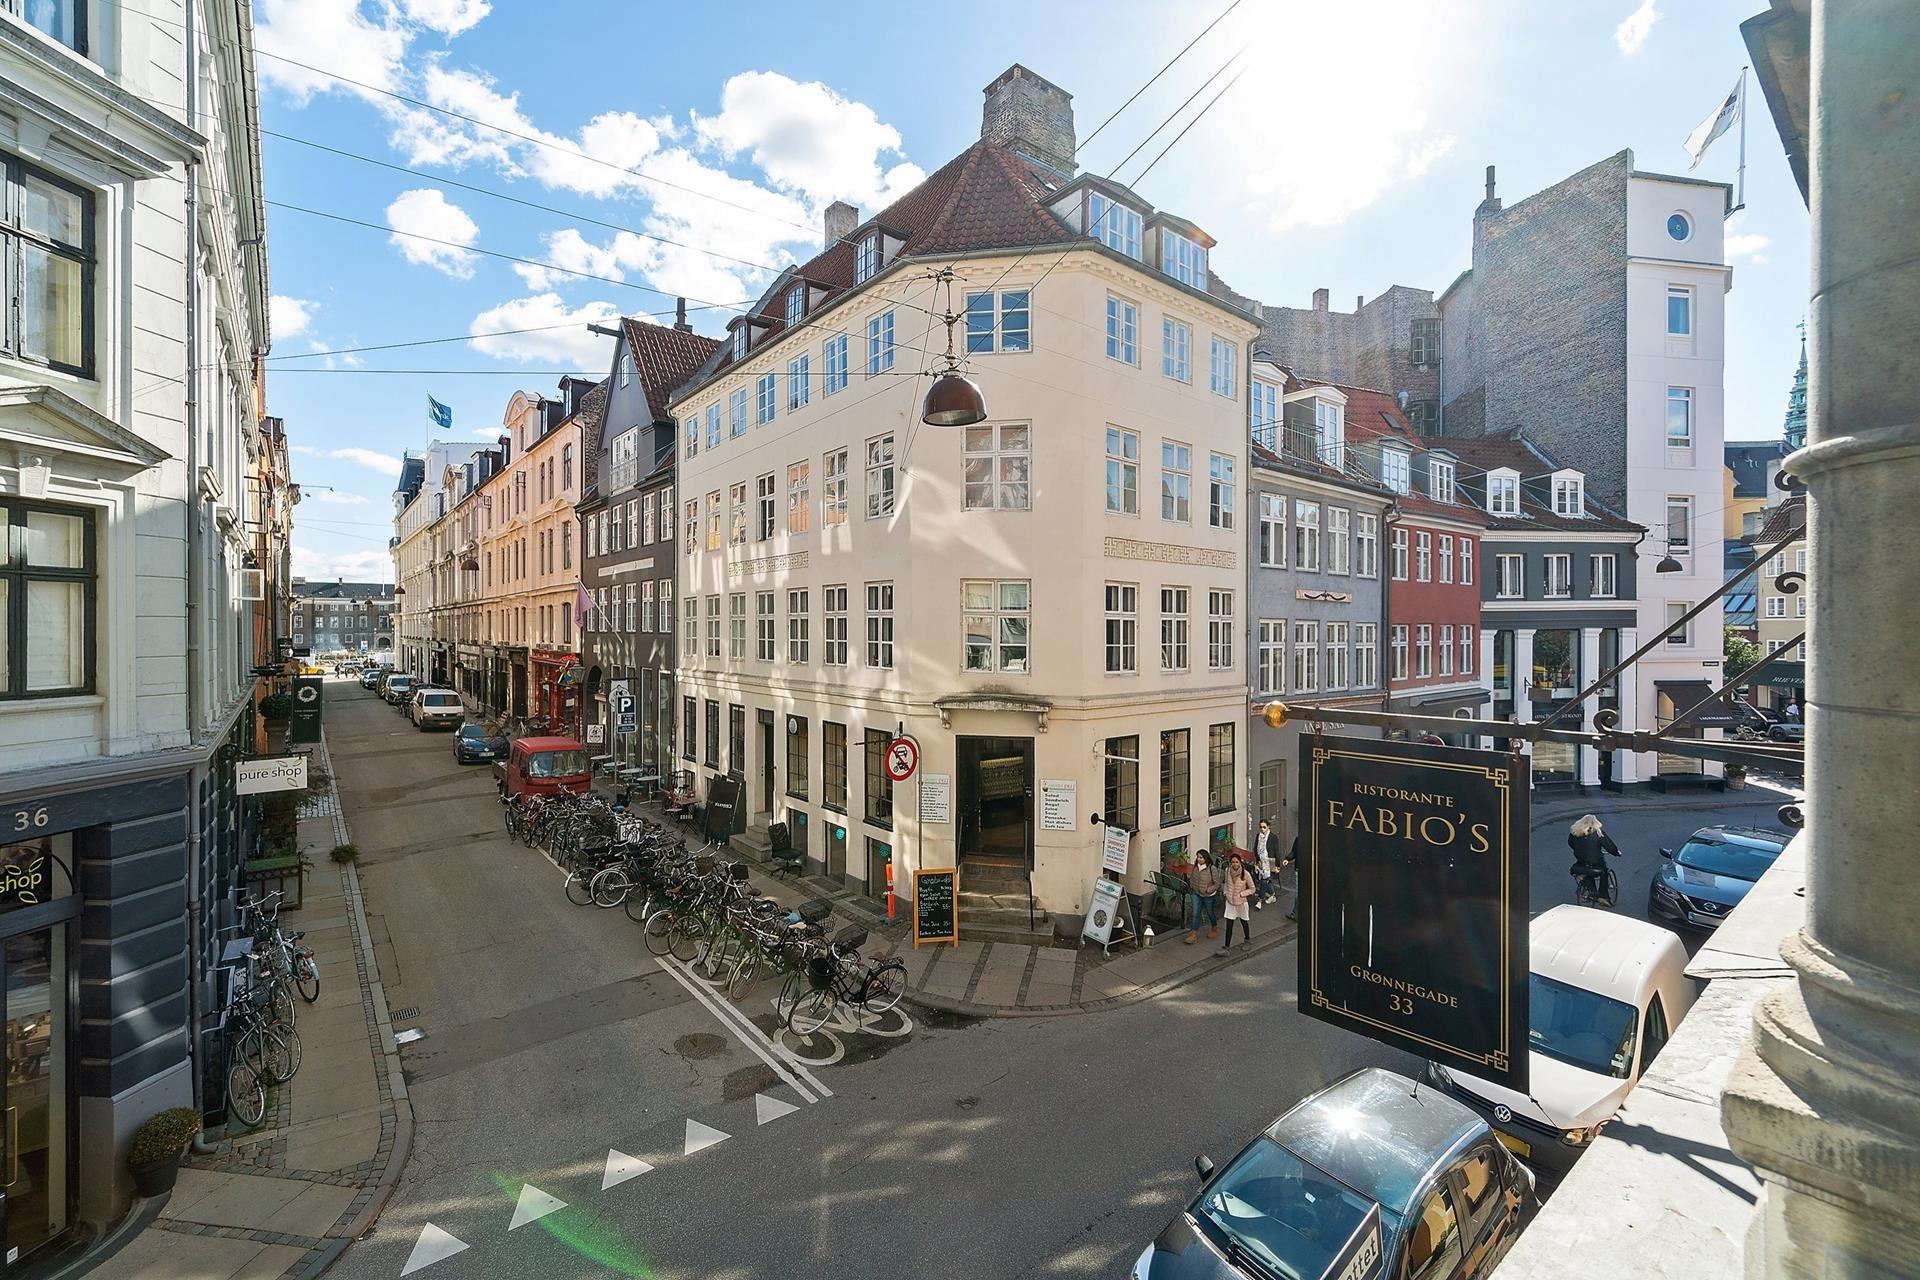 Grønnegade 33, 1., 1107 København K